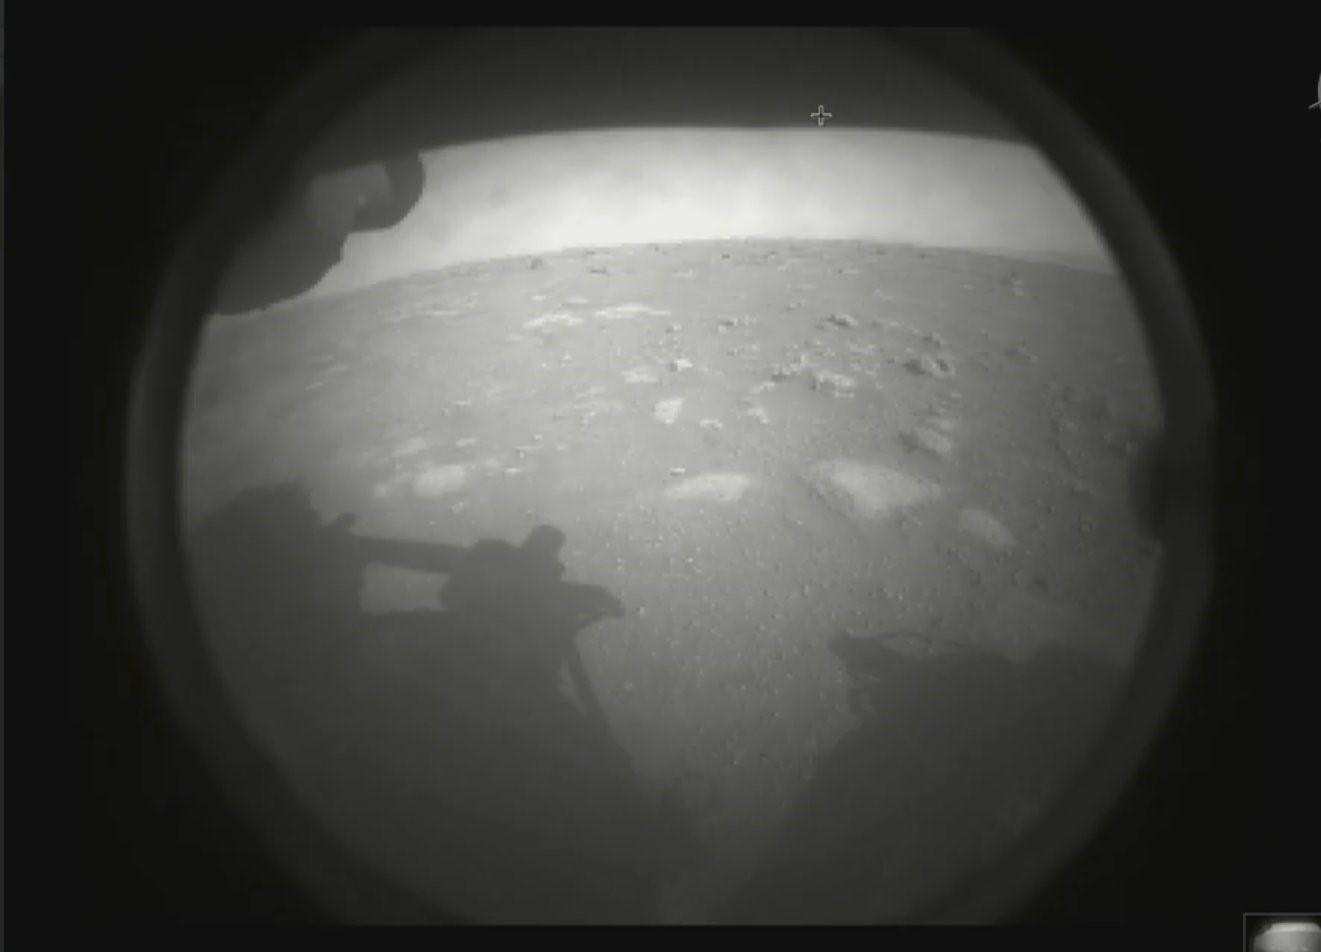 Il s'agit de la première photo du rover Perseverance de la NASA renvoyée sur Terre après son atterrissage sur Mars le 18 février 2021.